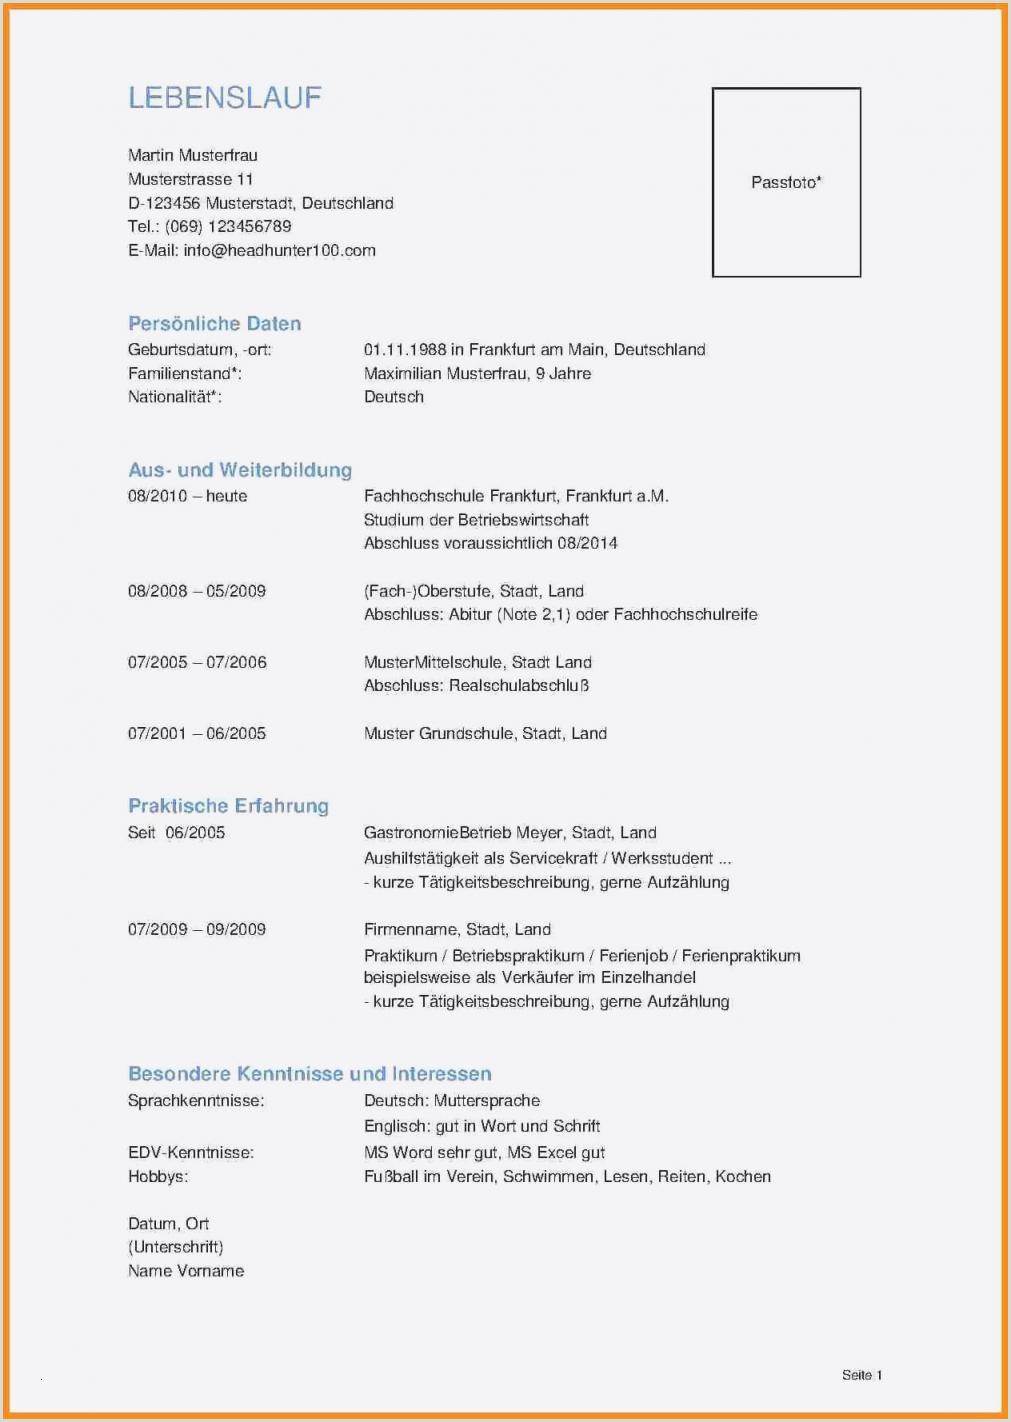 Lebenslauf Muster Unterschreiben 14 Unterschrift Lebenslauf